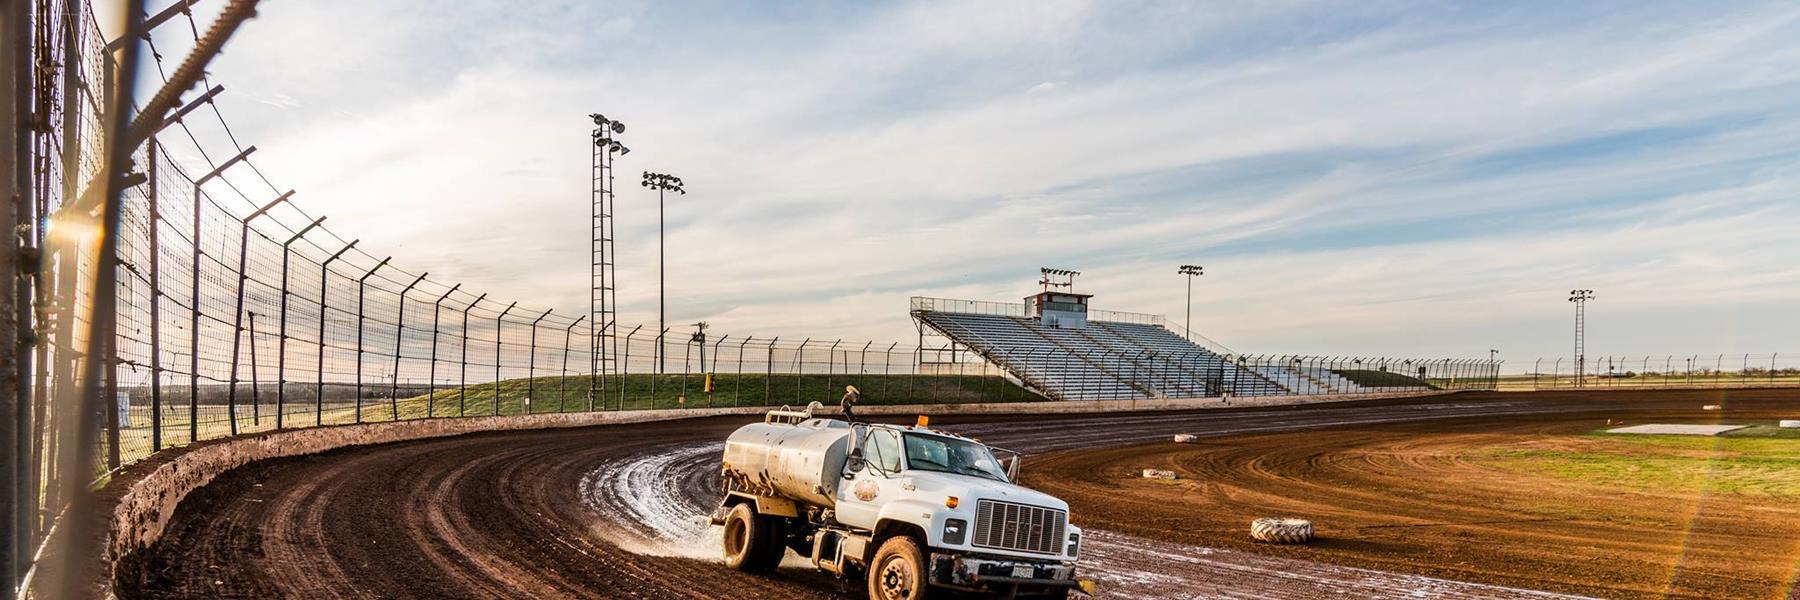 Monarch Motor Speedway